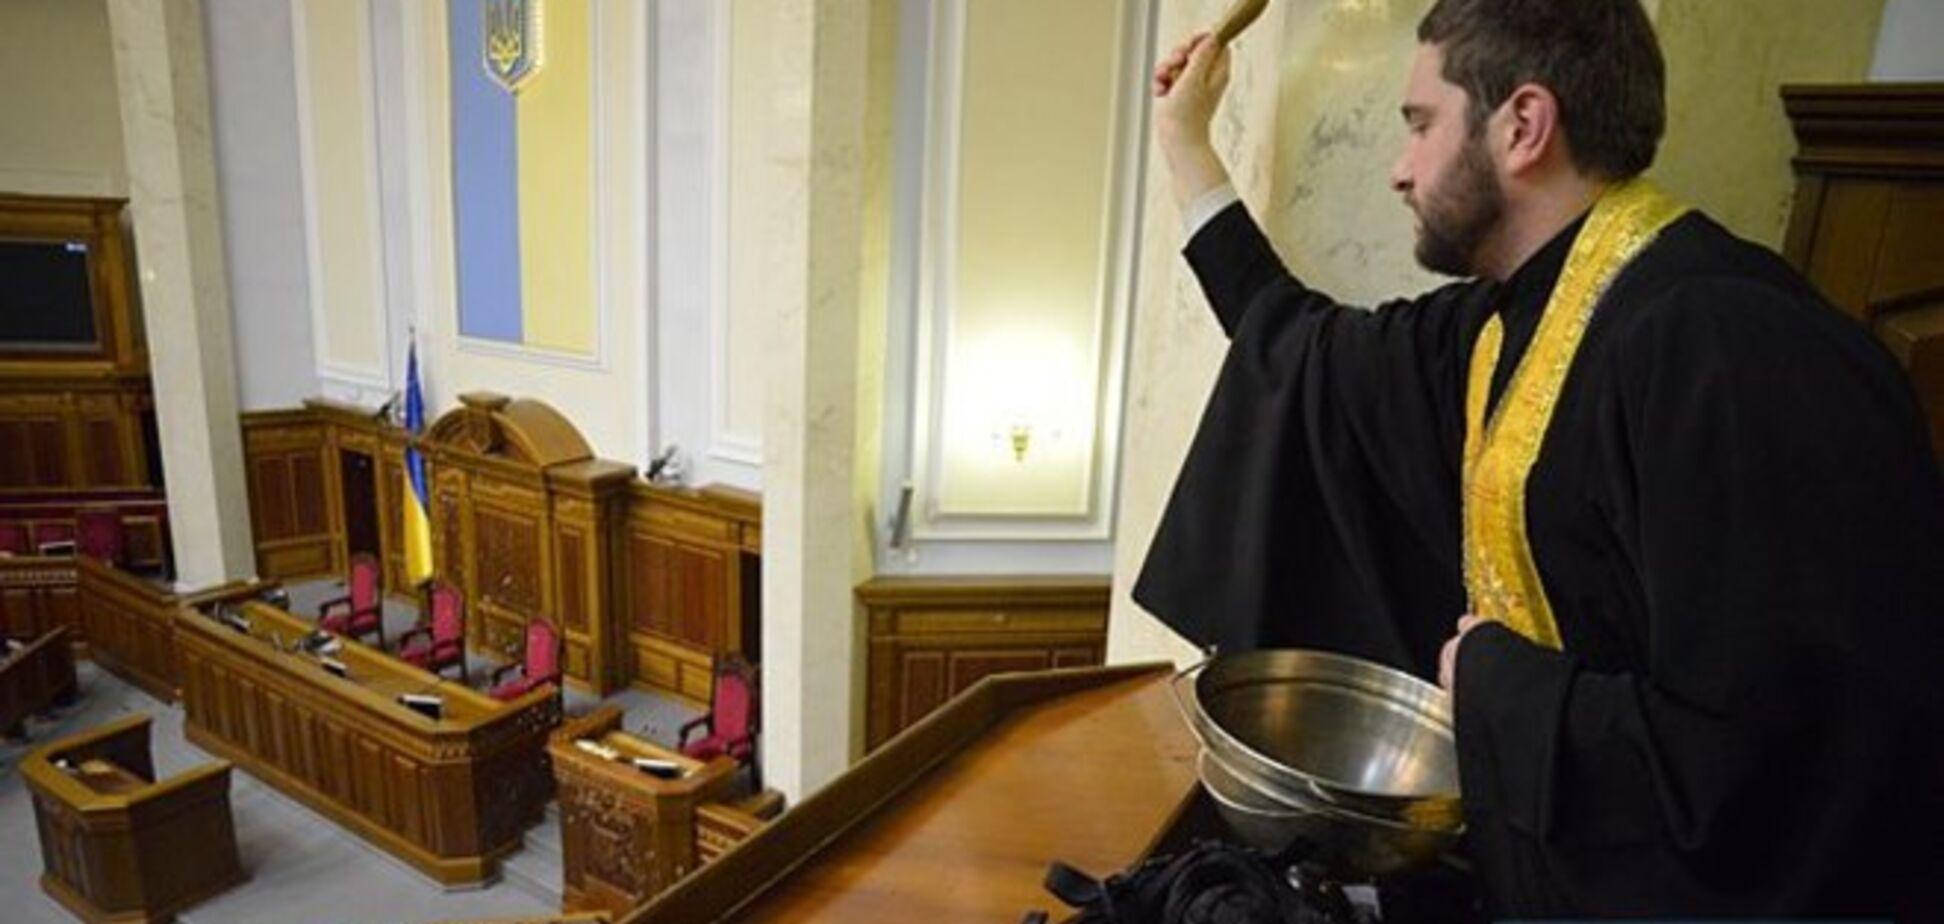 Священник в Раде окропил святой водой места, где раньше сидели депутаты от КПУ: опубликованы фото